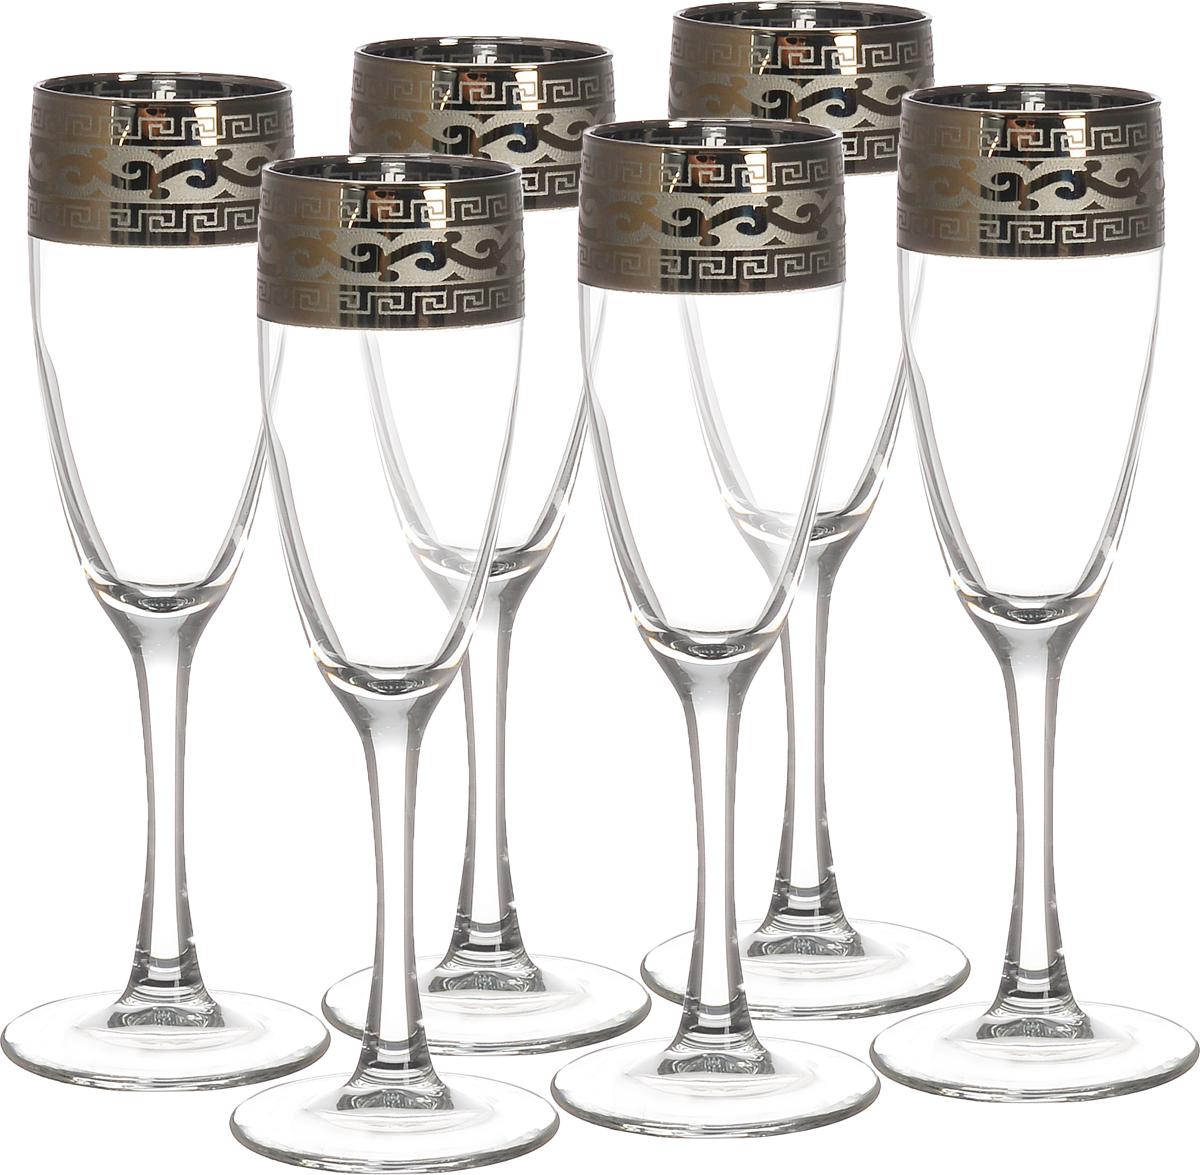 Набор бокалов Гусь-Хрустальный Версаче, 170 мл, 6 штGE08-1687Набор Гусь-Хрустальный Версаче состоит из 6 бокалов на длинных тонких ножках, изготовленных из высококачественного натрий-кальций-силикатного стекла. Изделия оформлены орнаментом. Бокалы предназначены для шампанского или вина. Такой набор прекрасно дополнит праздничный стол и станет желанным подарком в любом доме.Разрешается мыть в посудомоечной машине.Диаметр бокала (по верхнему краю): 5 см.Высота бокала: 20 см.